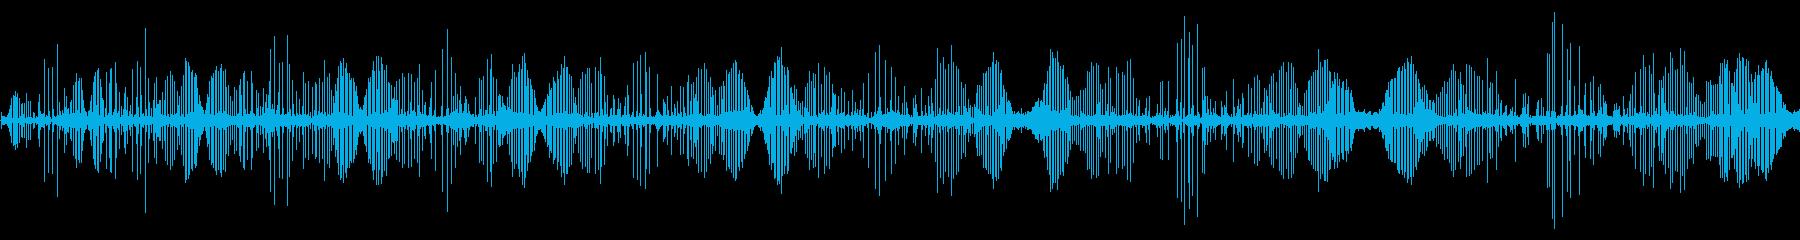 マイクロボット、クリックとチャープ...の再生済みの波形